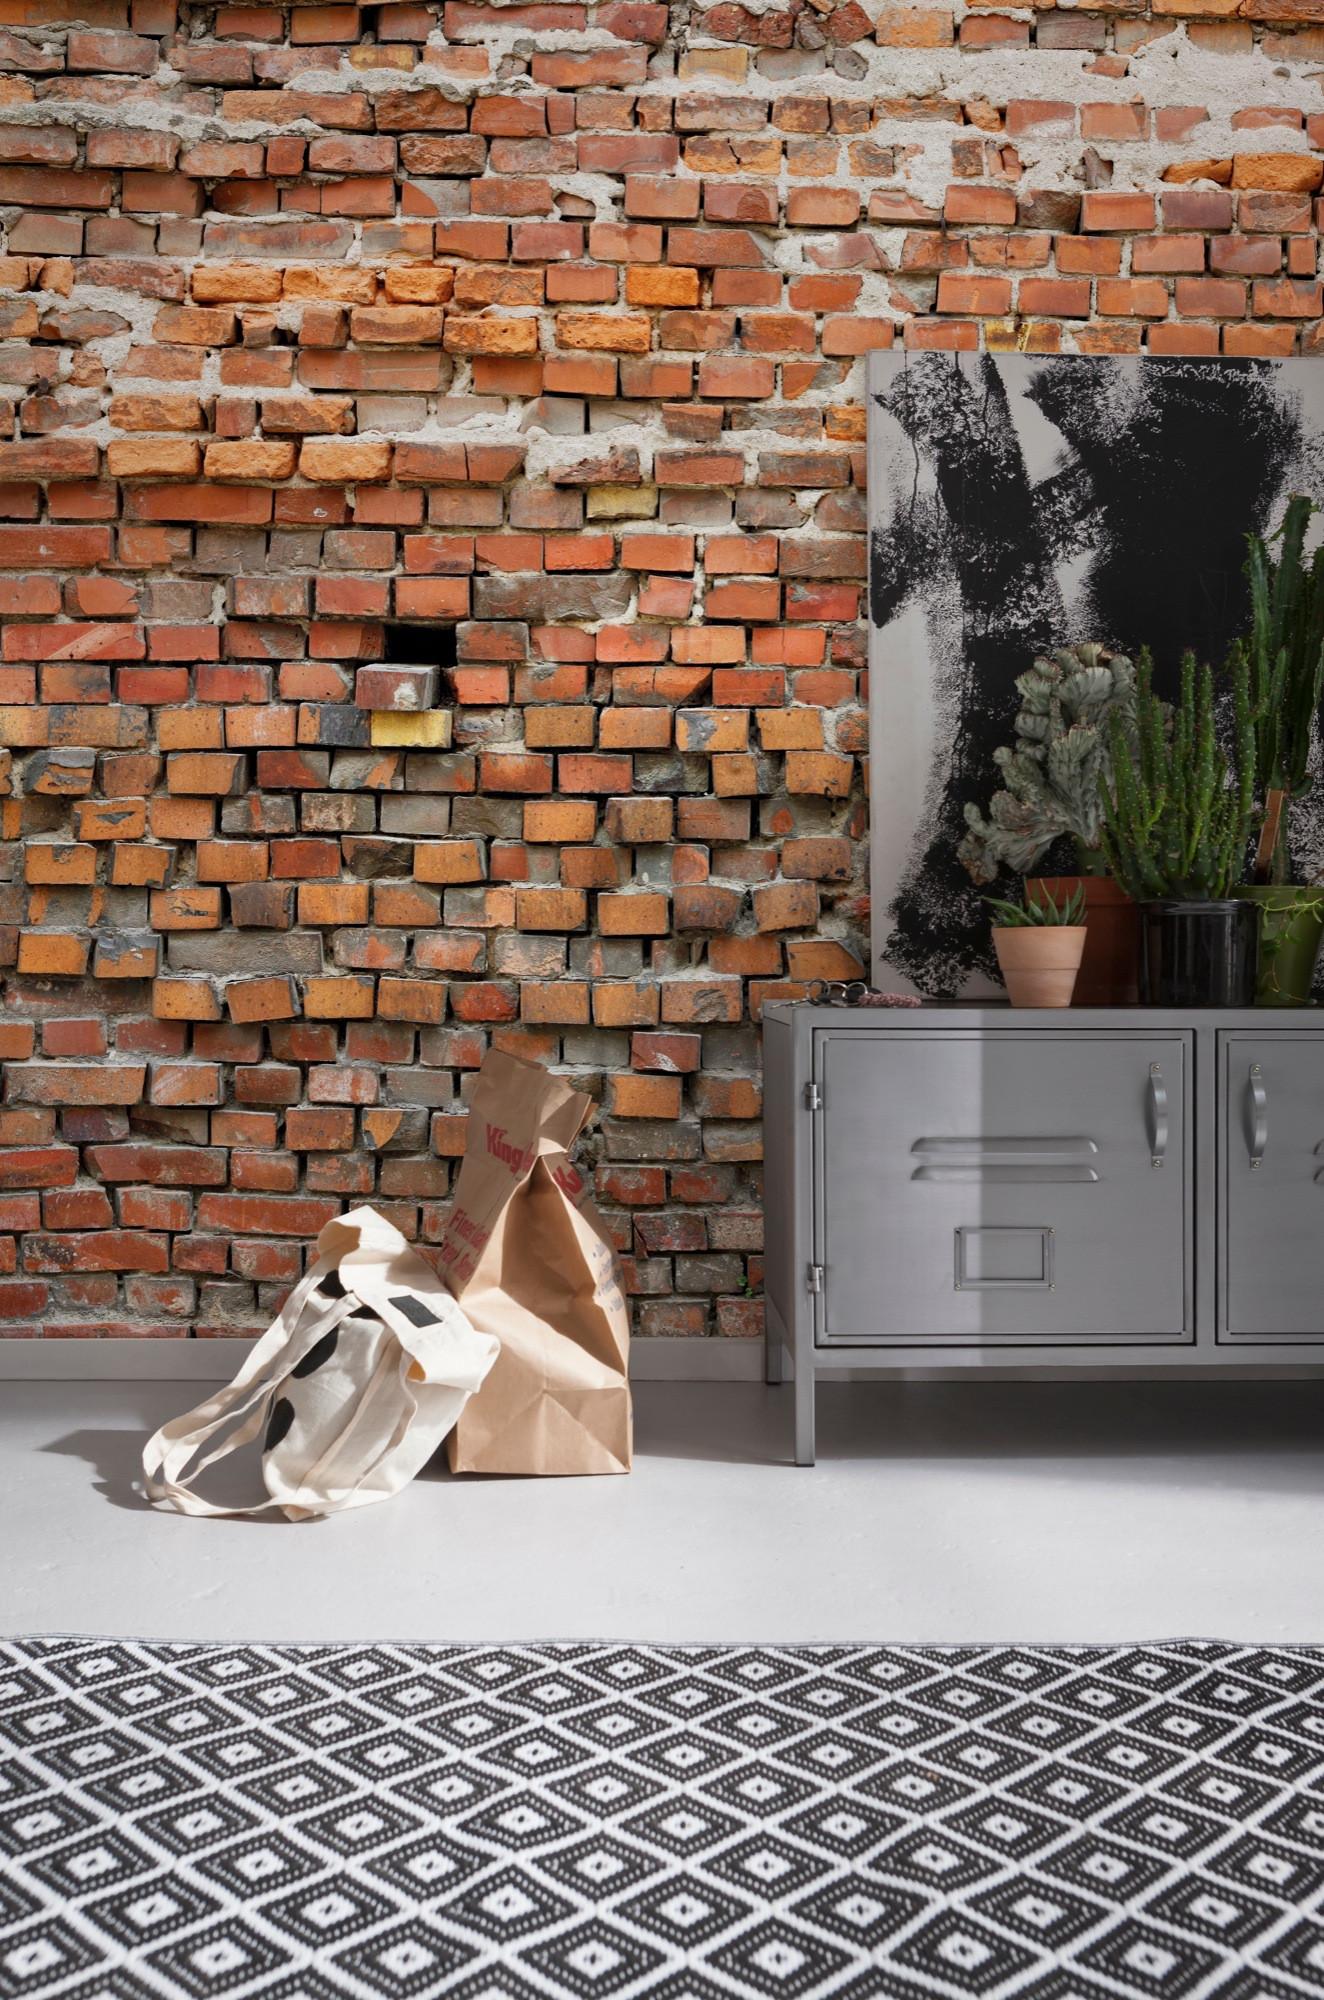 vliestapete bricklane xxl4 025 von komar. Black Bedroom Furniture Sets. Home Design Ideas